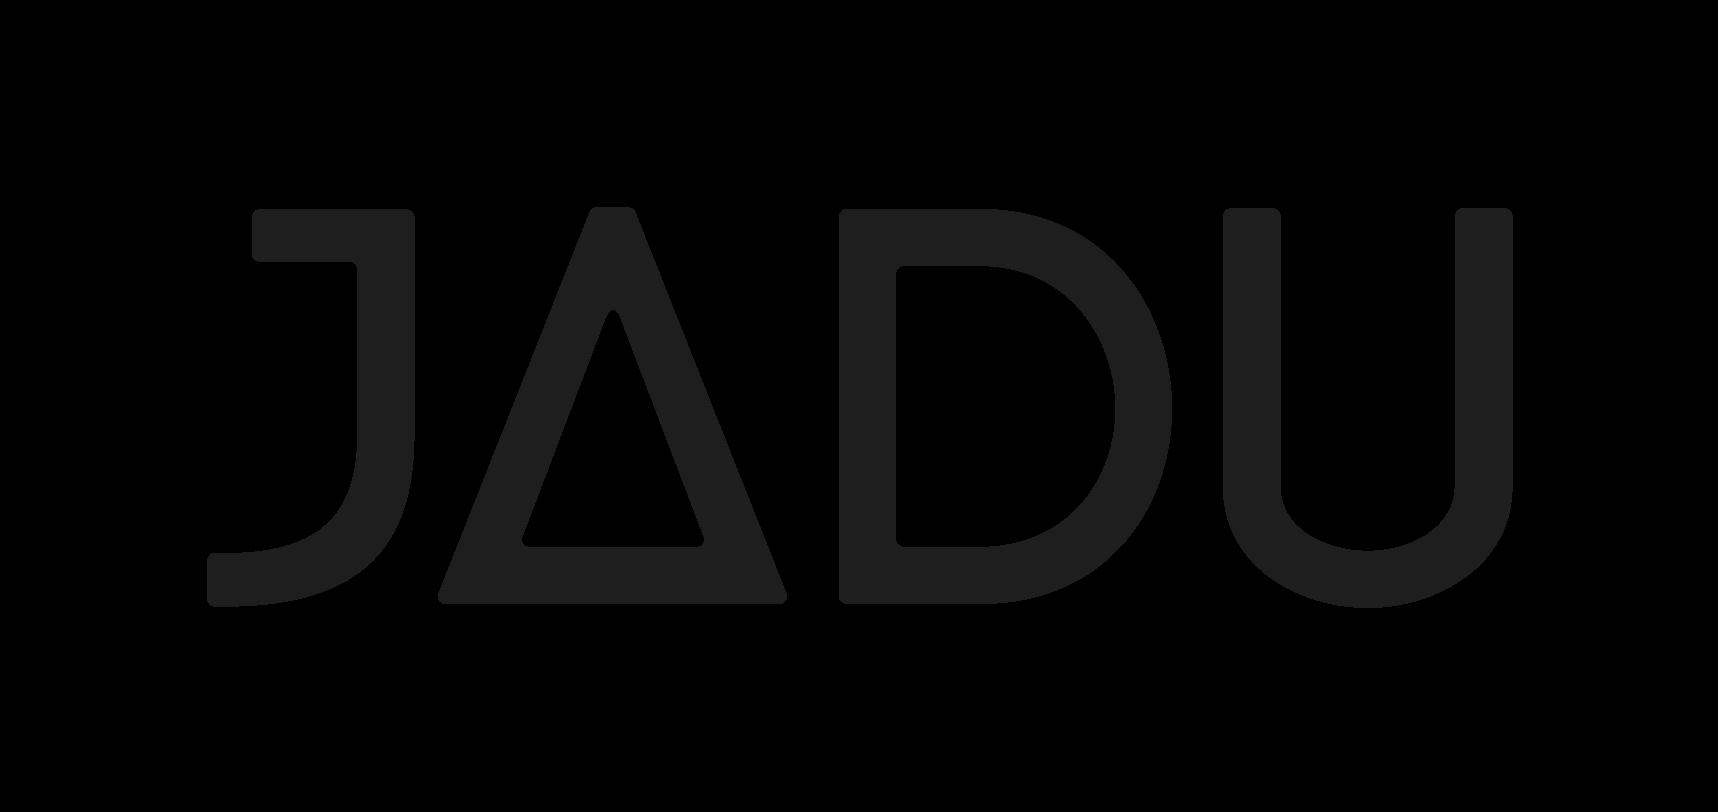 jadu_brandmark (3)